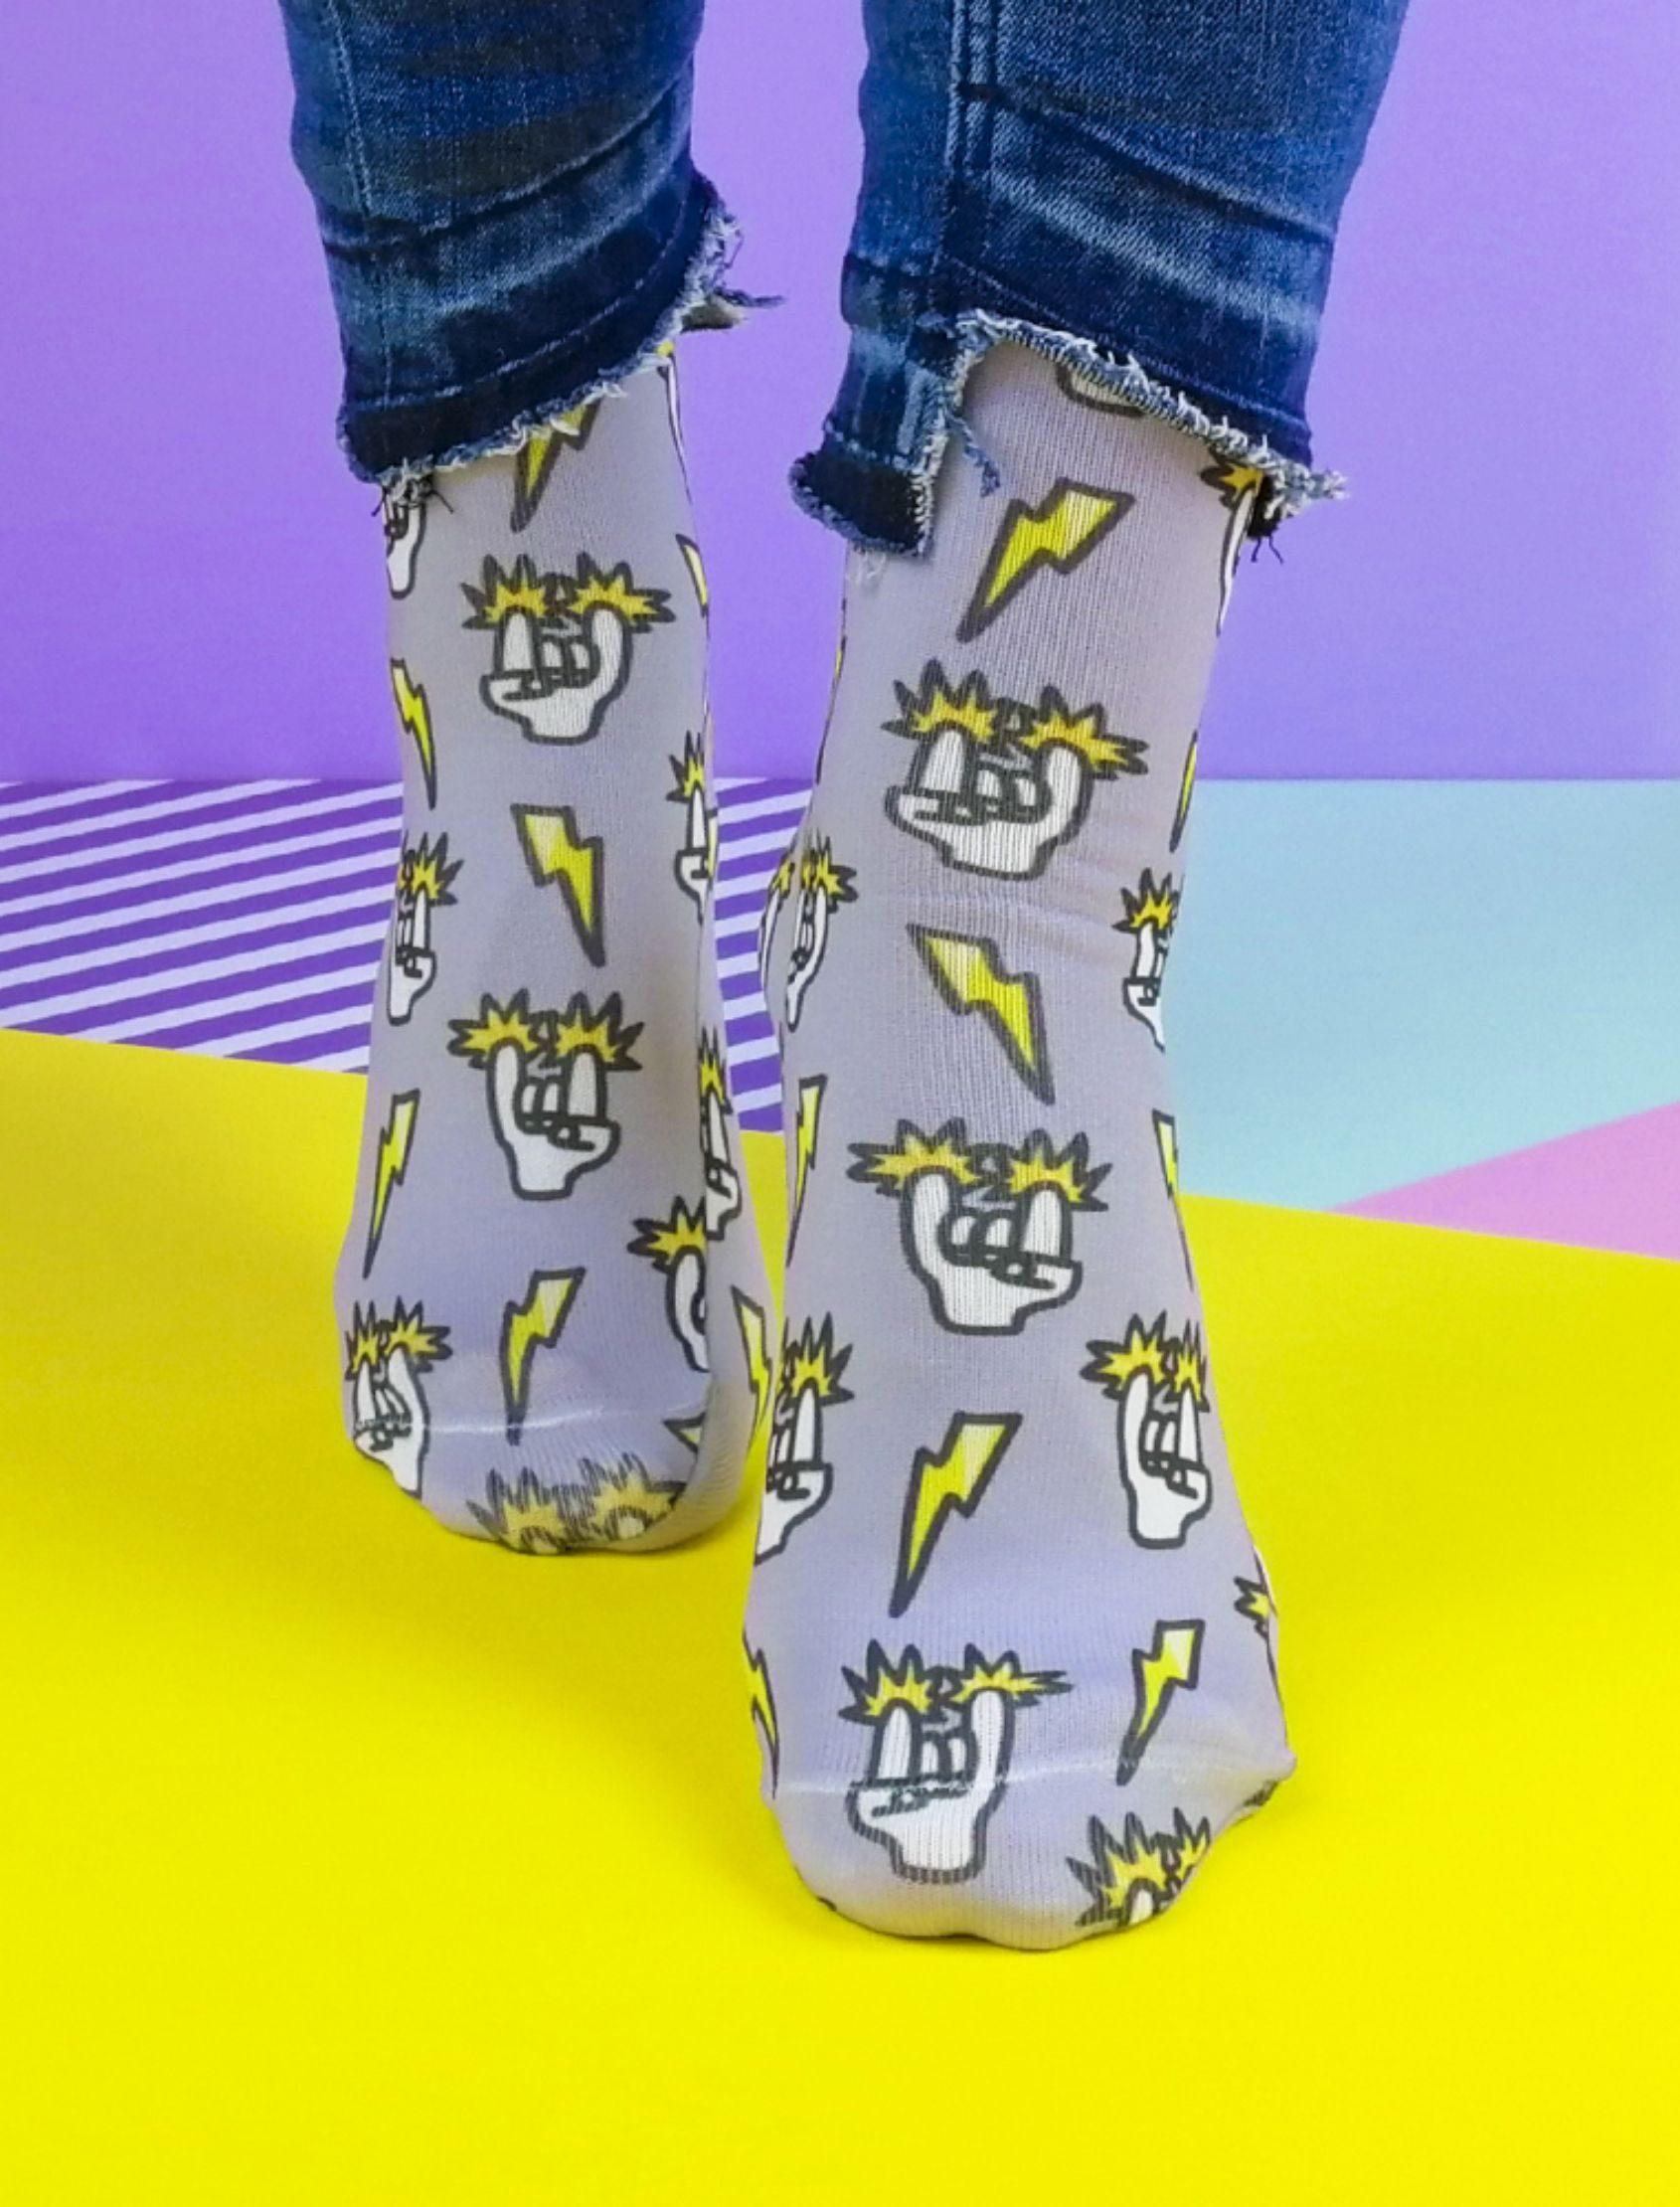 calcetines chispas rock en color gris para hombre y mujer con estampado de manos y rayos